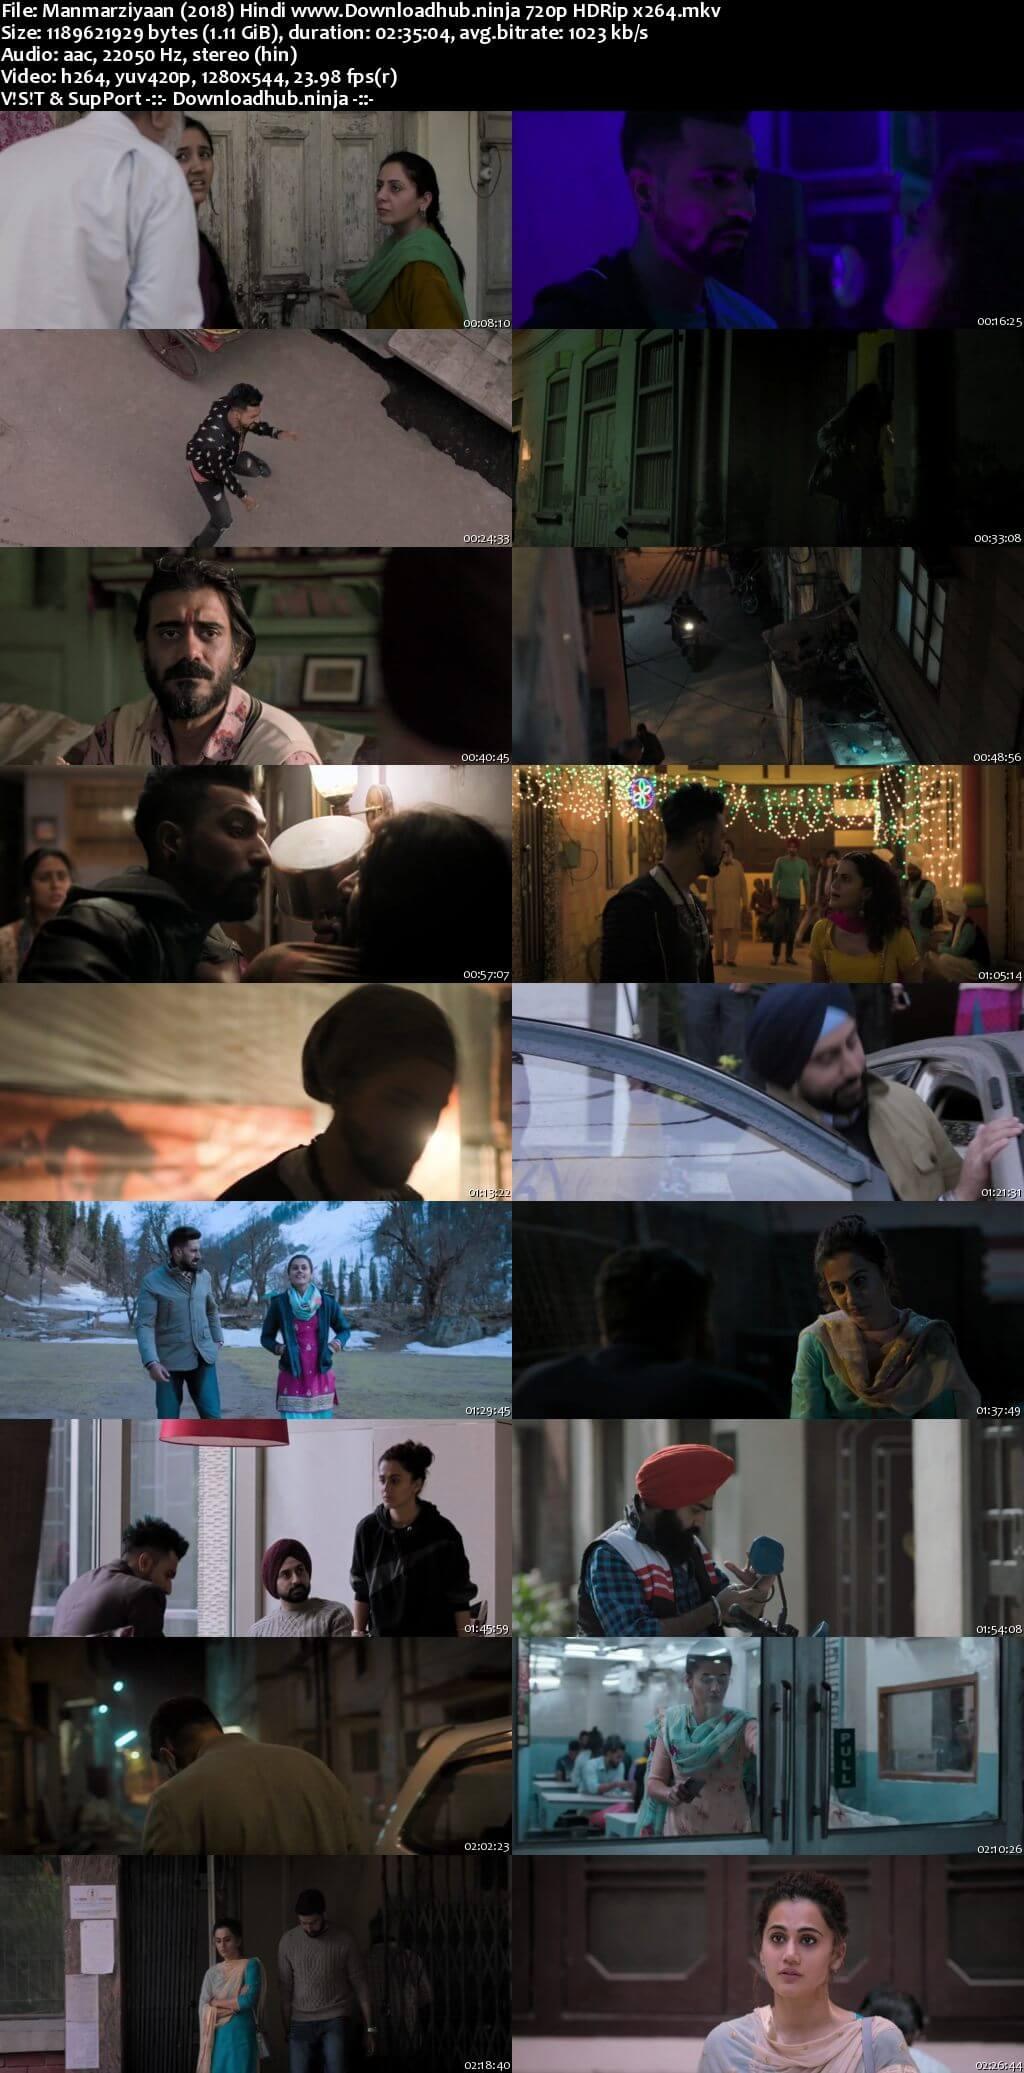 Manmarziyaan 2018 Hindi 720p HDRip x264